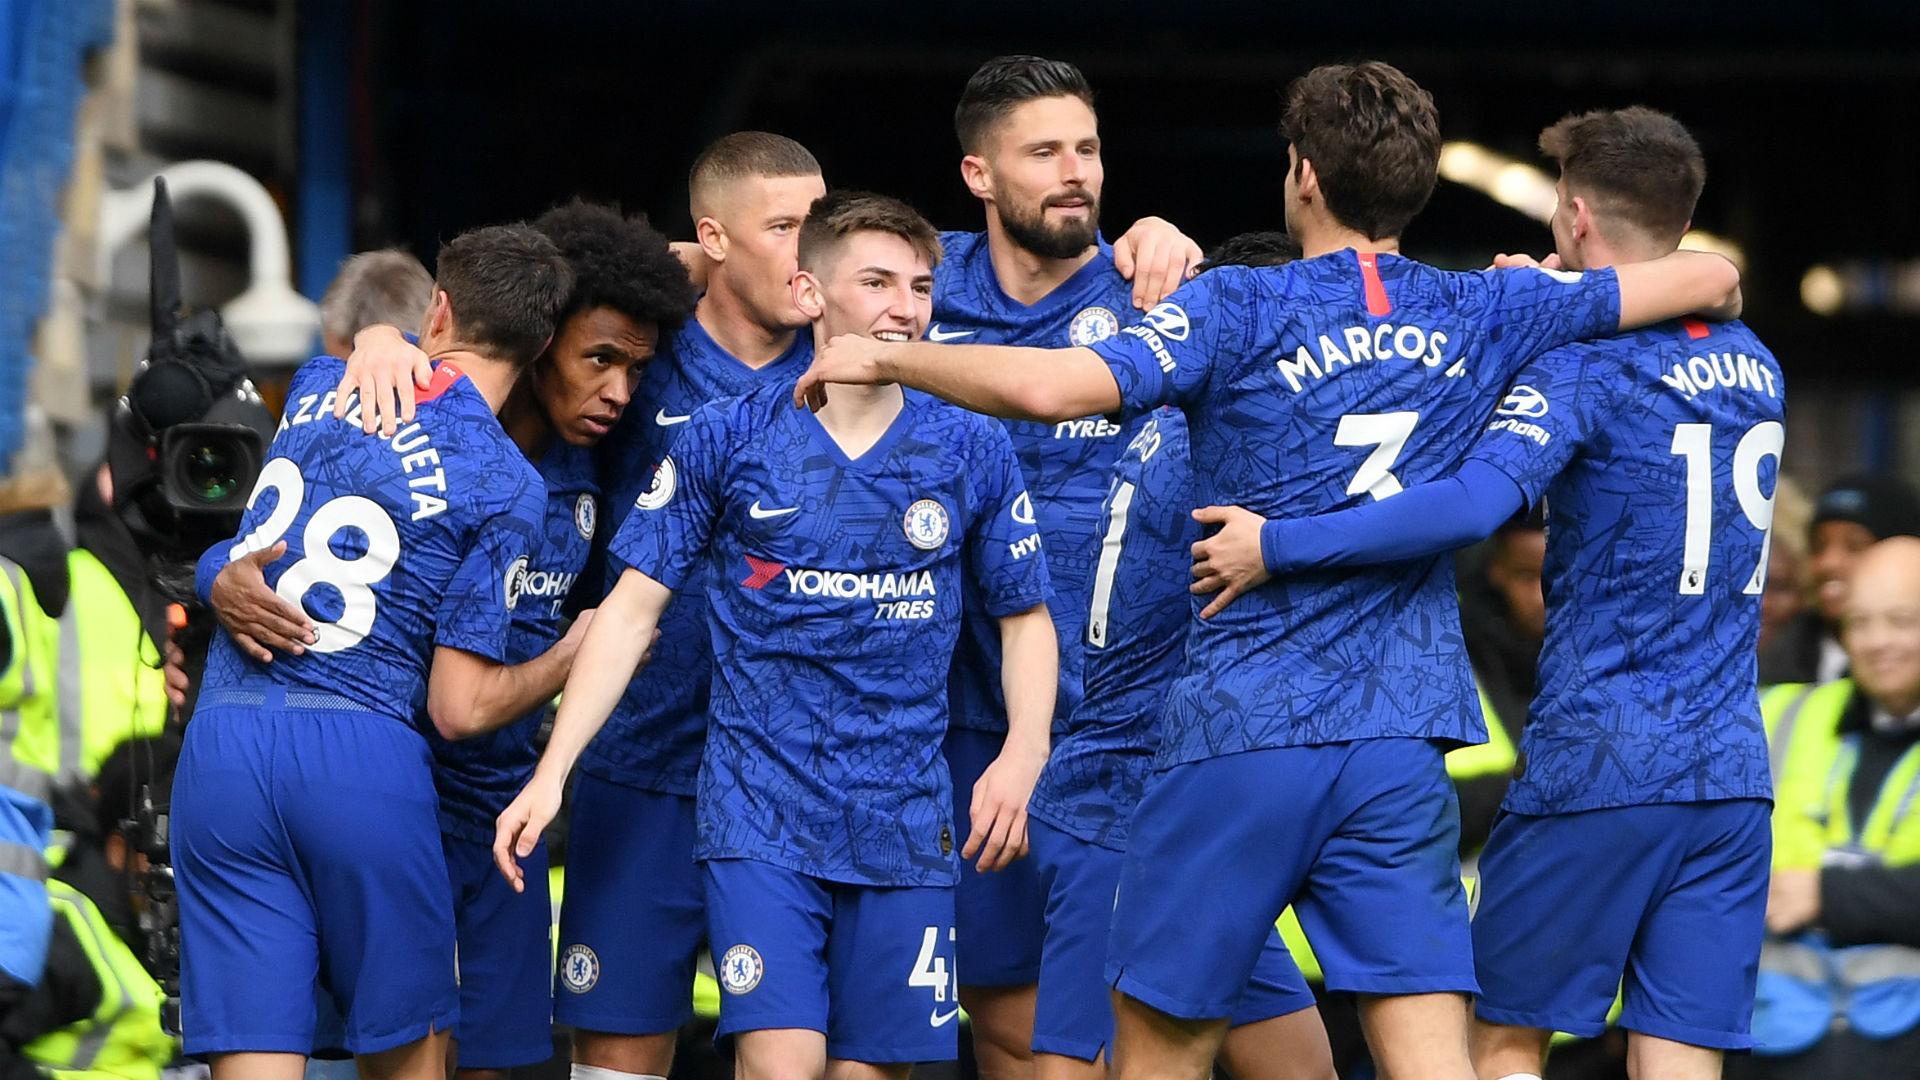 Chelsea 4-0 Everton: Ancelotti swept aside on Stamford Bridge return